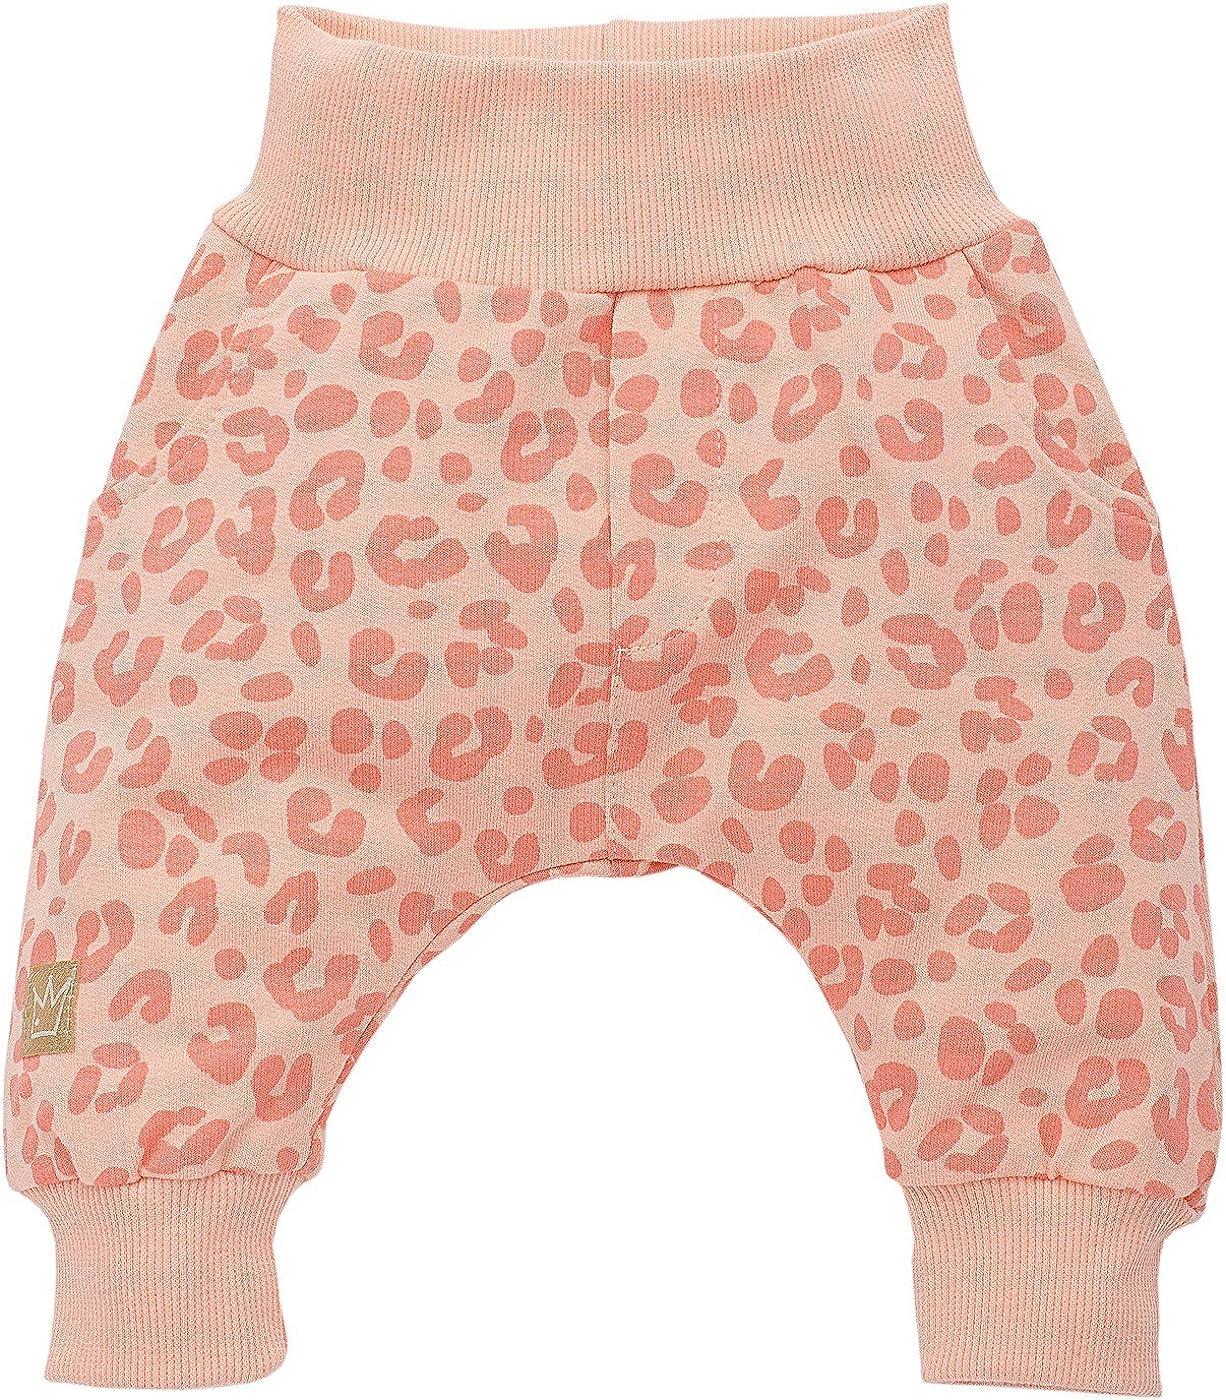 Pinokio Sweet Panther M/ädchen Baby Hose Girls Baumwolle- Leoparden Muster Apricot Koral Lachs Rose Jogginghose Haremshose Pumphose Schlupfhose- elastischer Bund